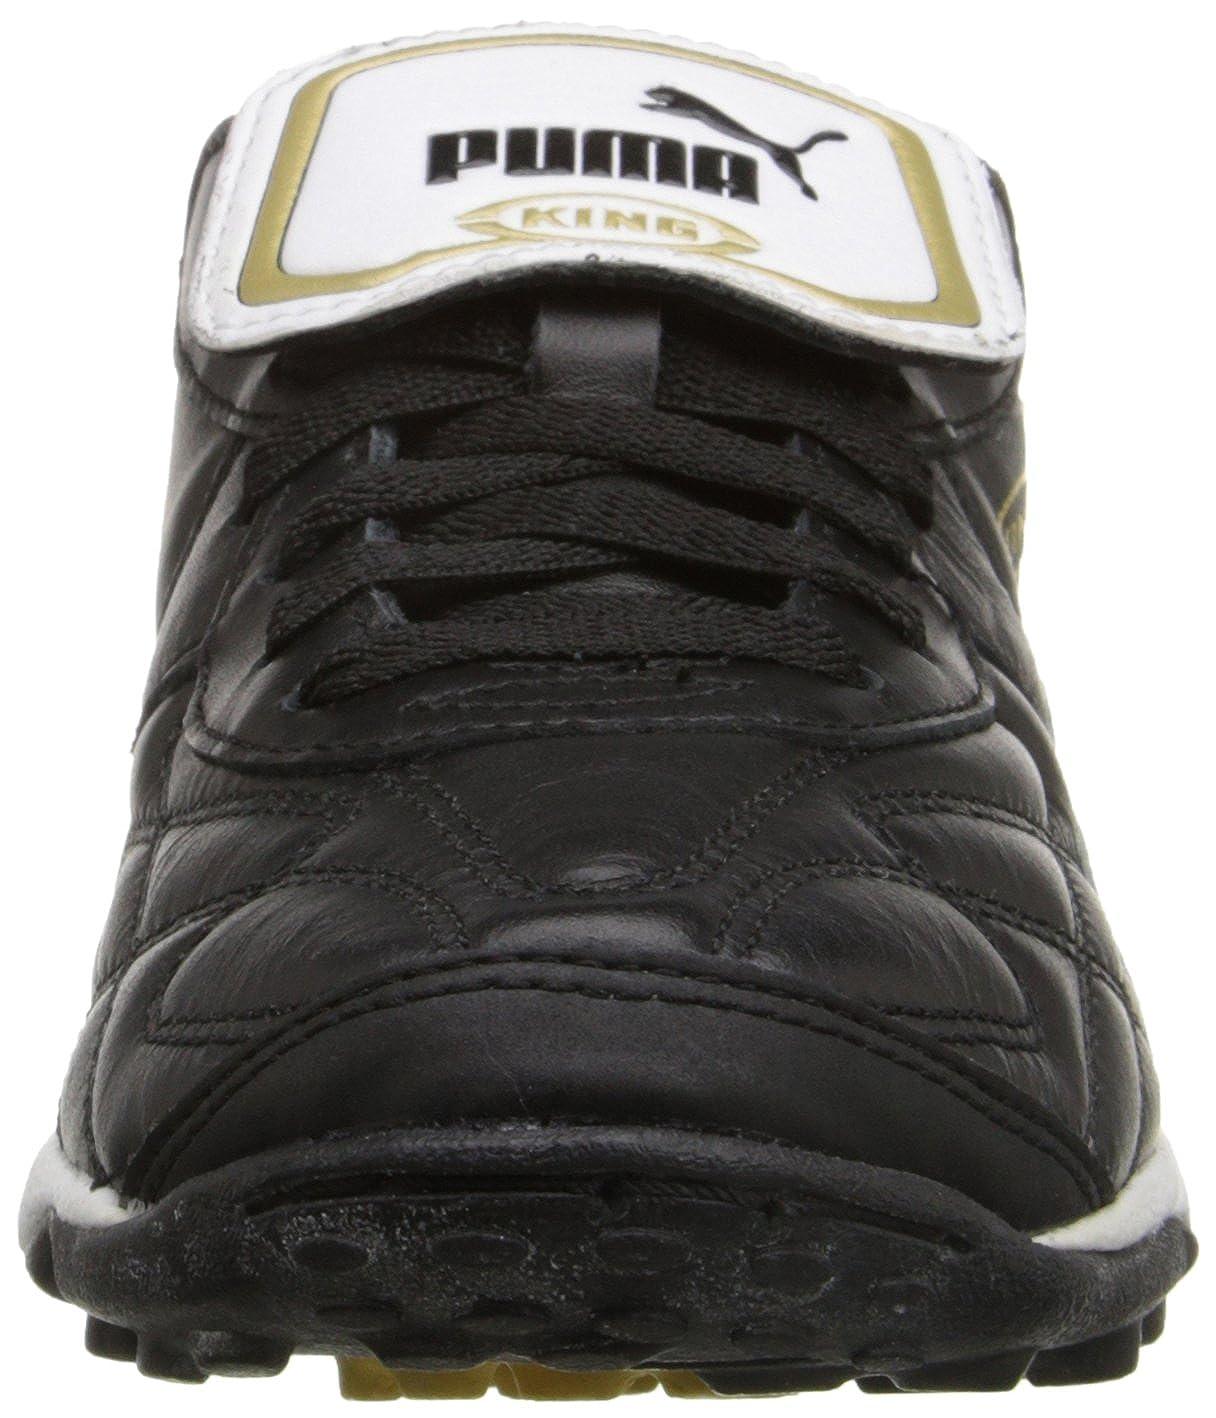 Botas de f/útbol para Hombre Puma King Allround TT